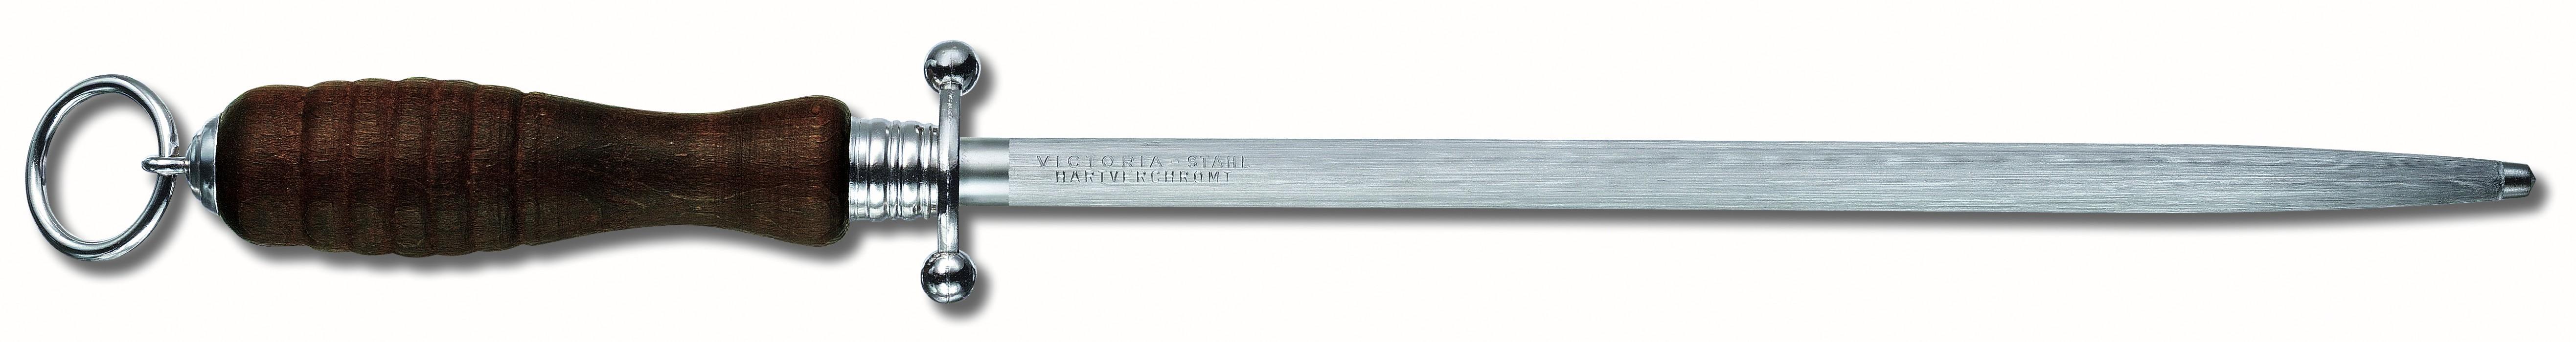 Victorinox Slipstål 27cm